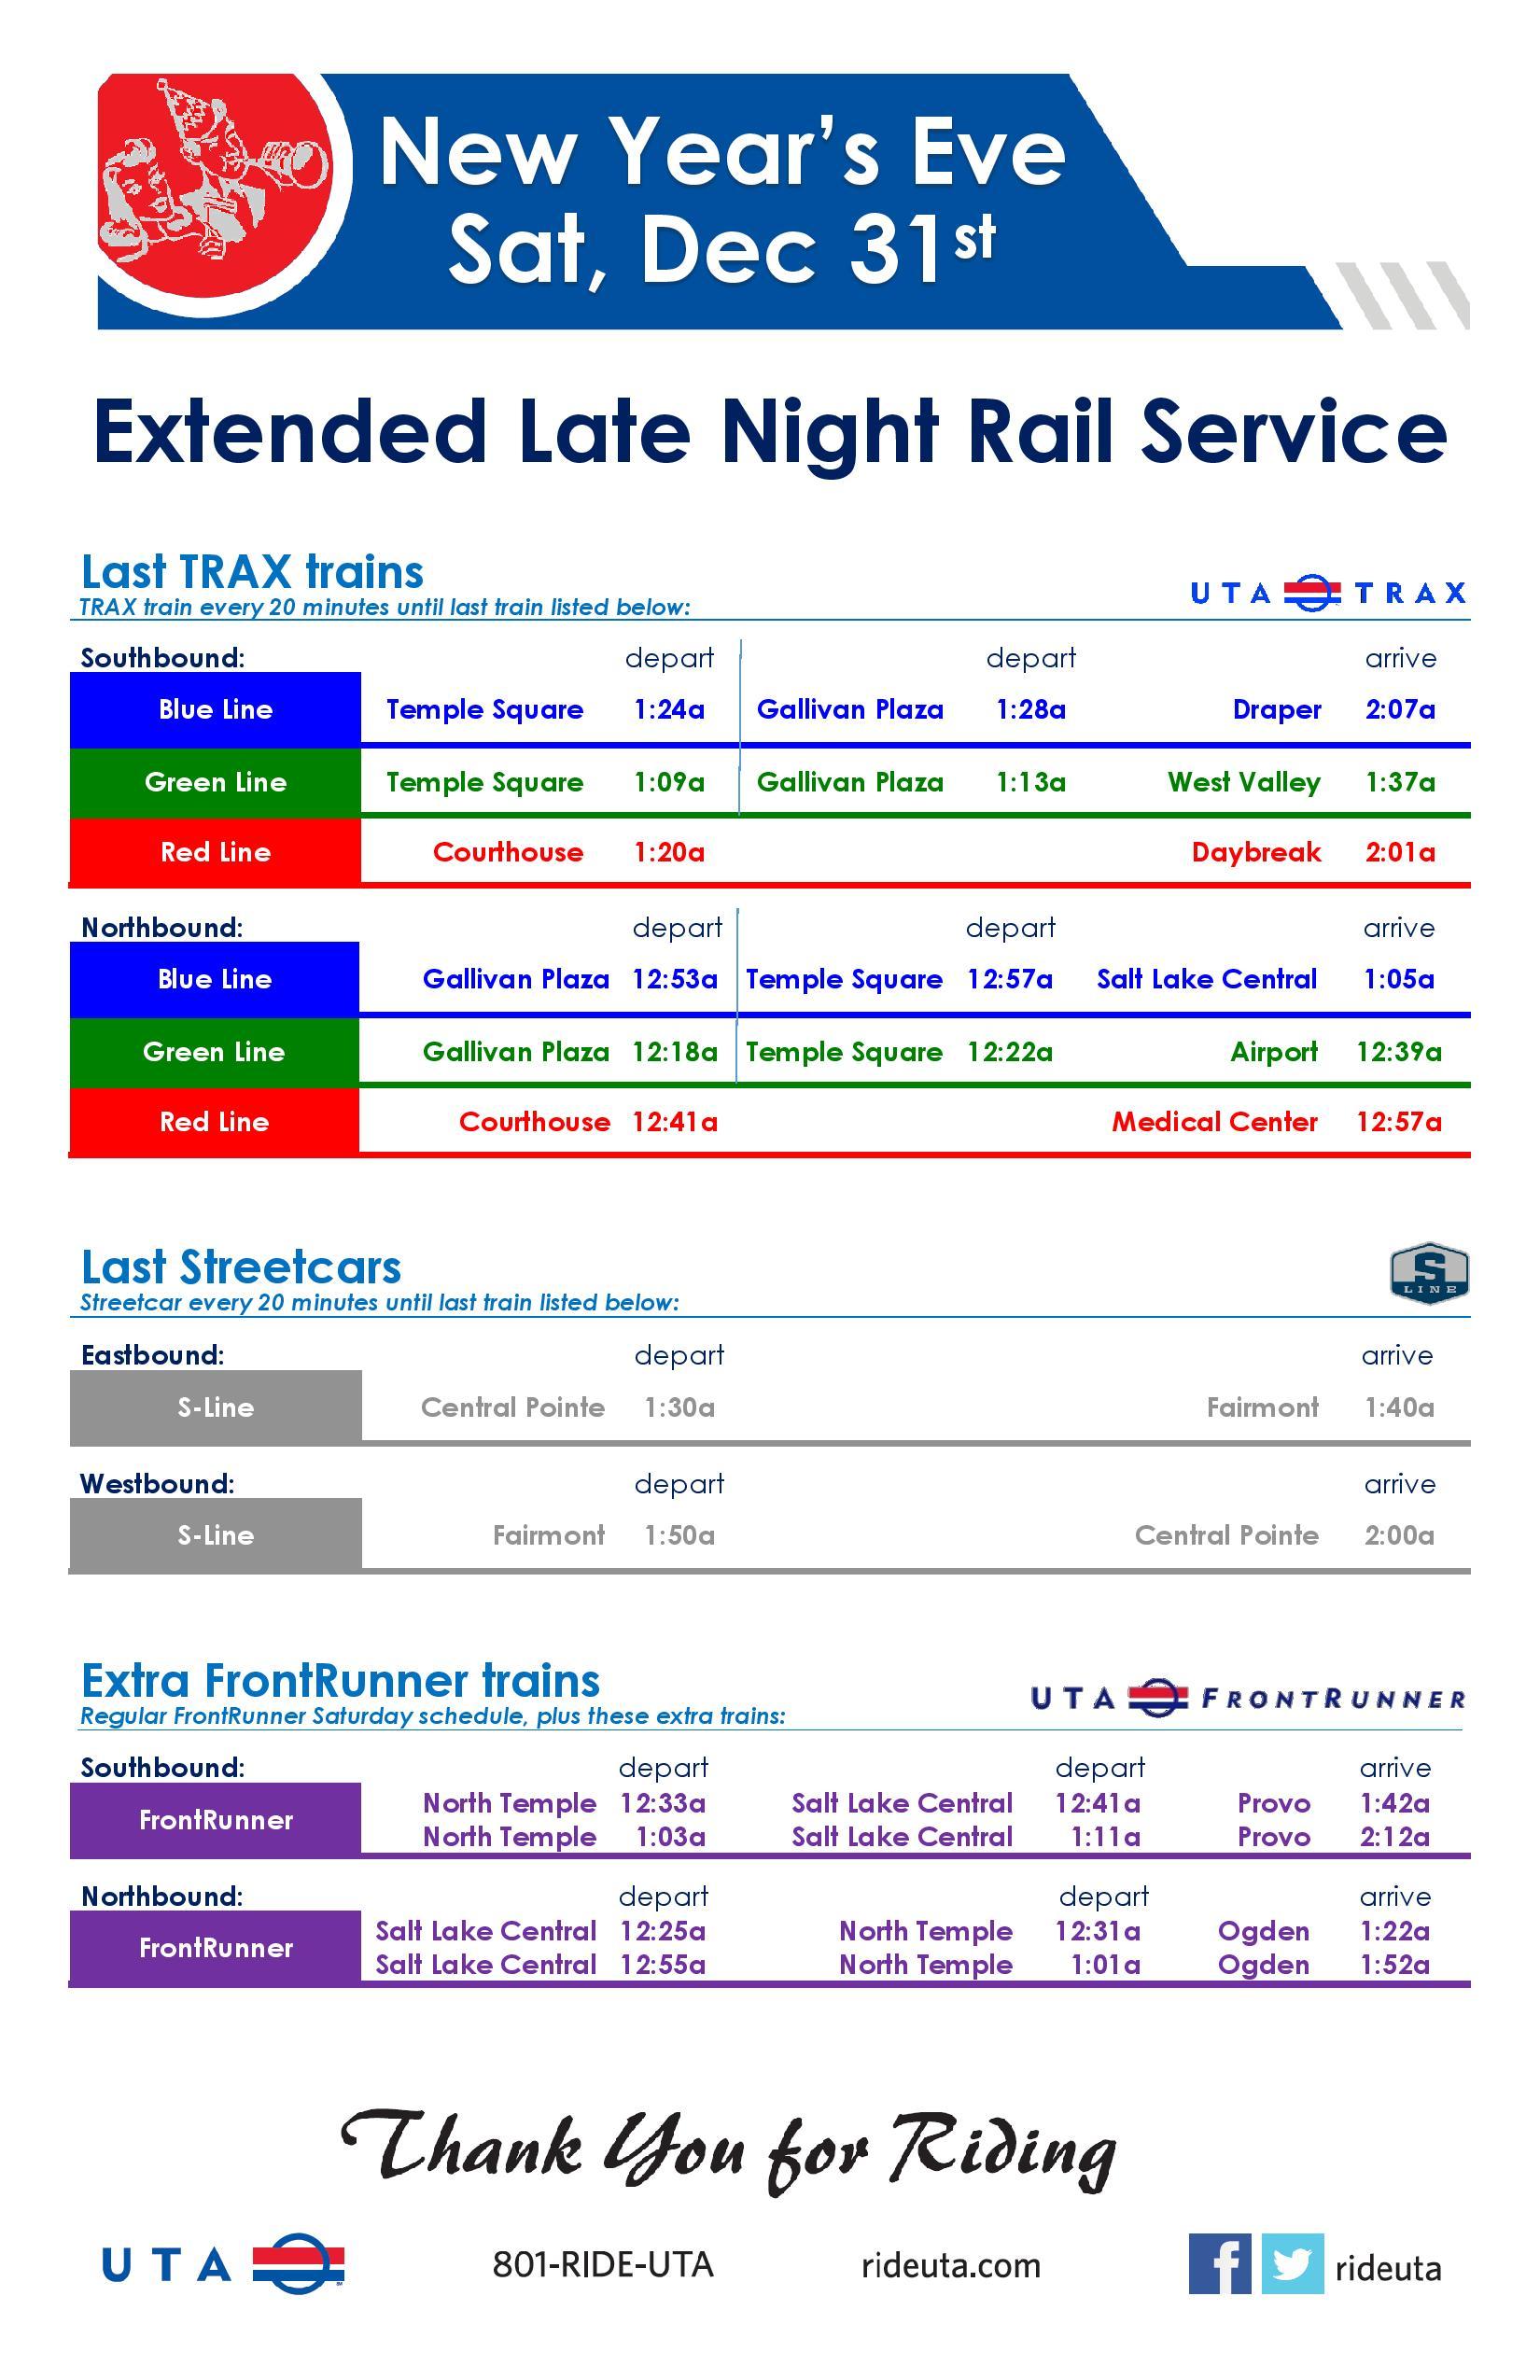 Dec 31 to Jan 2 Service Schedule